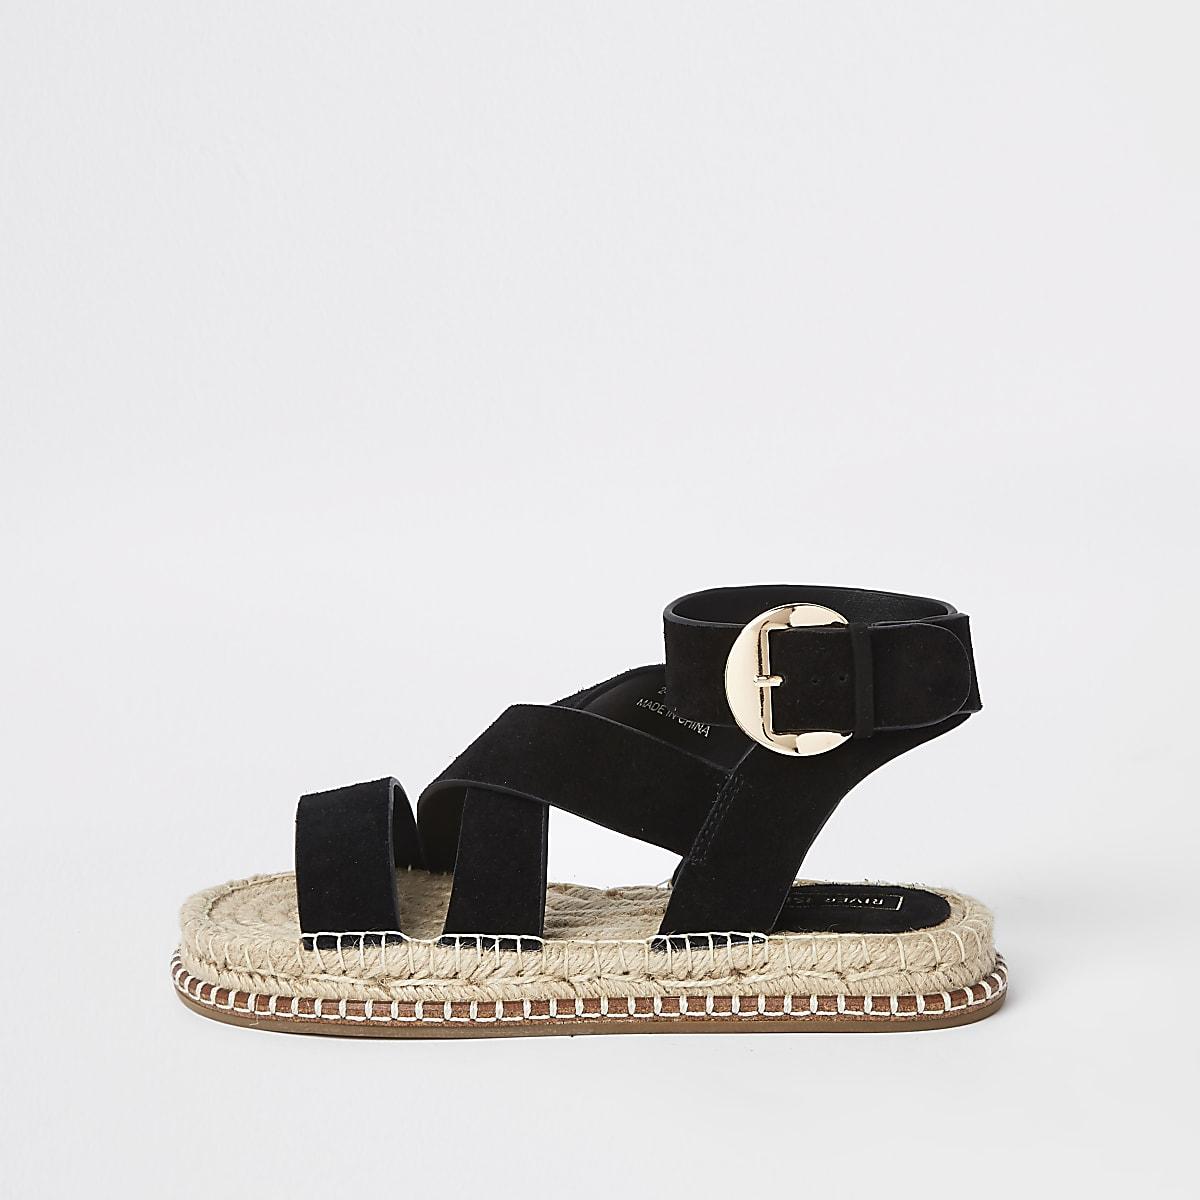 Black Sandals Black Sandals Espadrille Black Suede Espadrille Suede Suede Espadrille n0wmOvN8